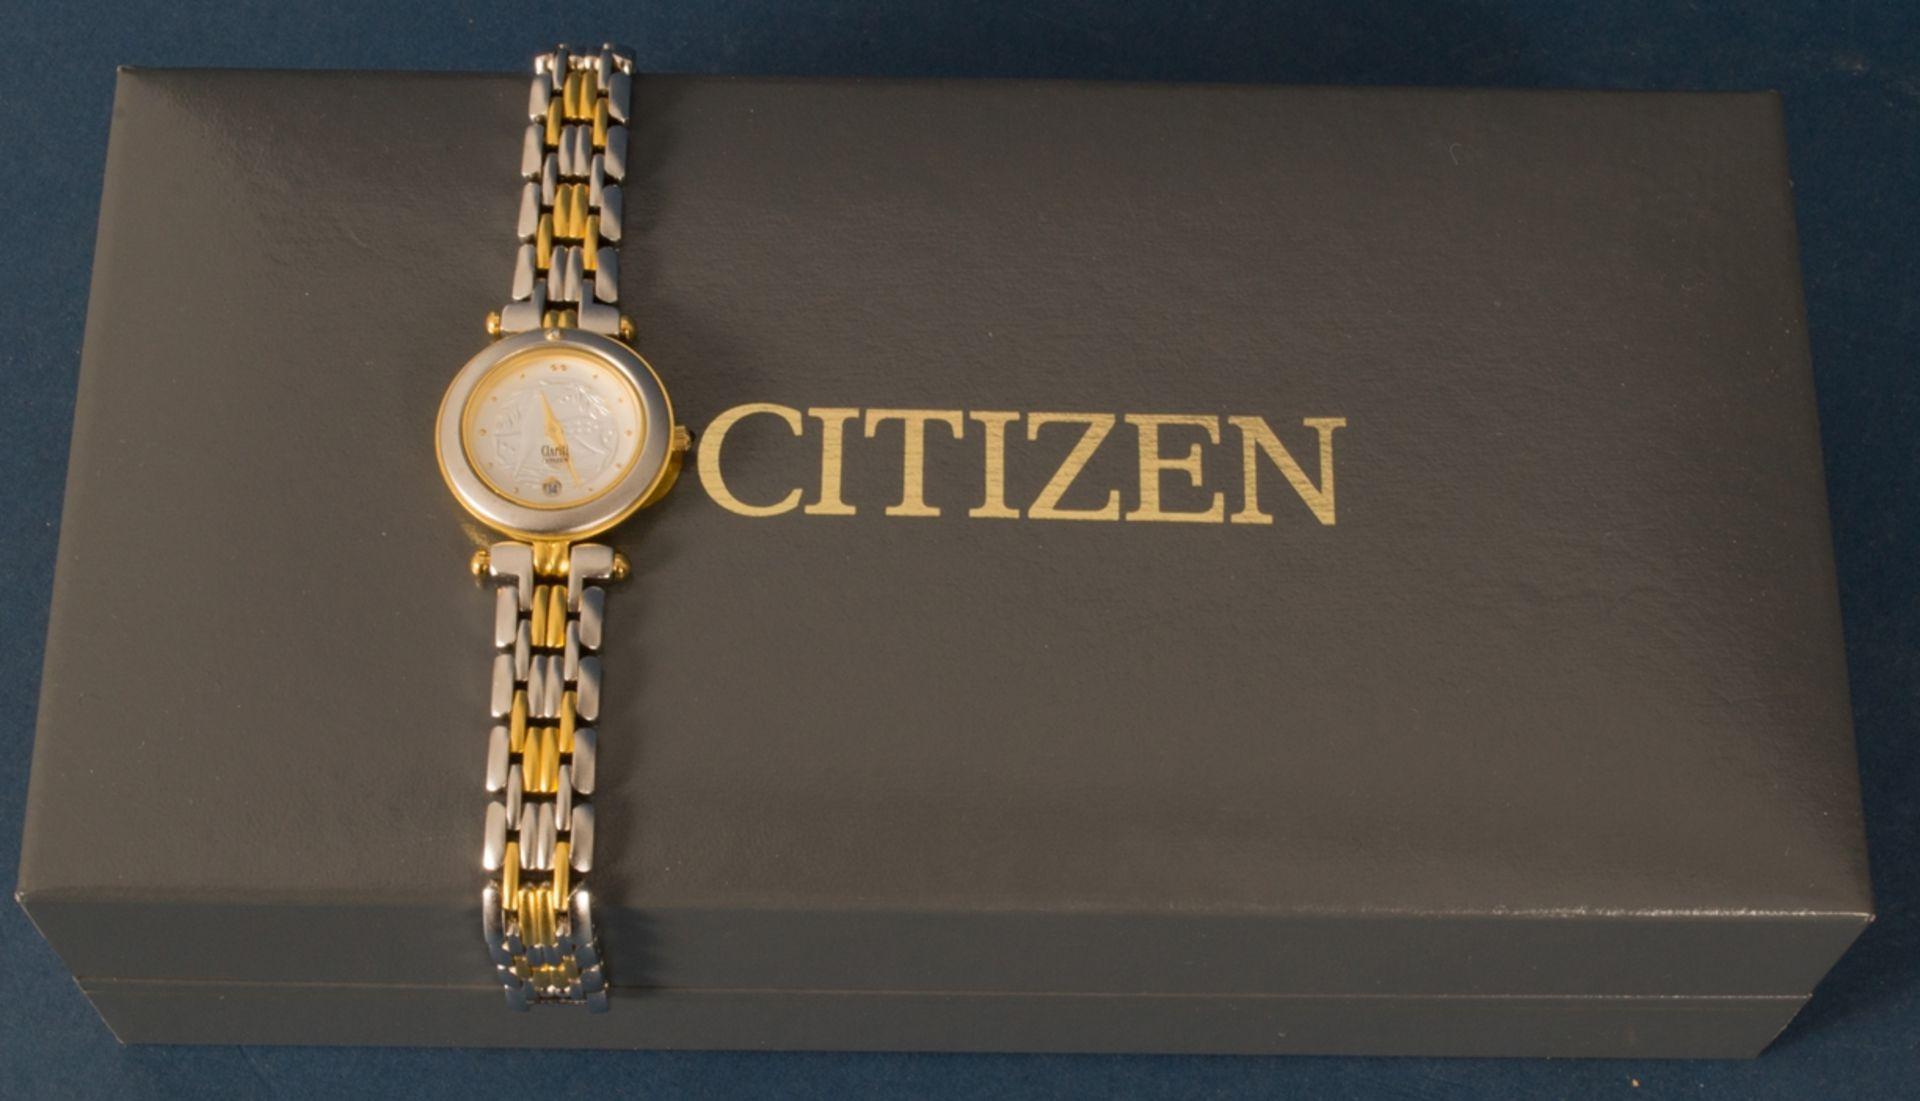 CITIZEN - CLARITI - BICOLOR (Stahl/Gold) Damenarmbanduhr, Ziffernblatt mit figürlicher Vignette (Reh - Bild 8 aus 8